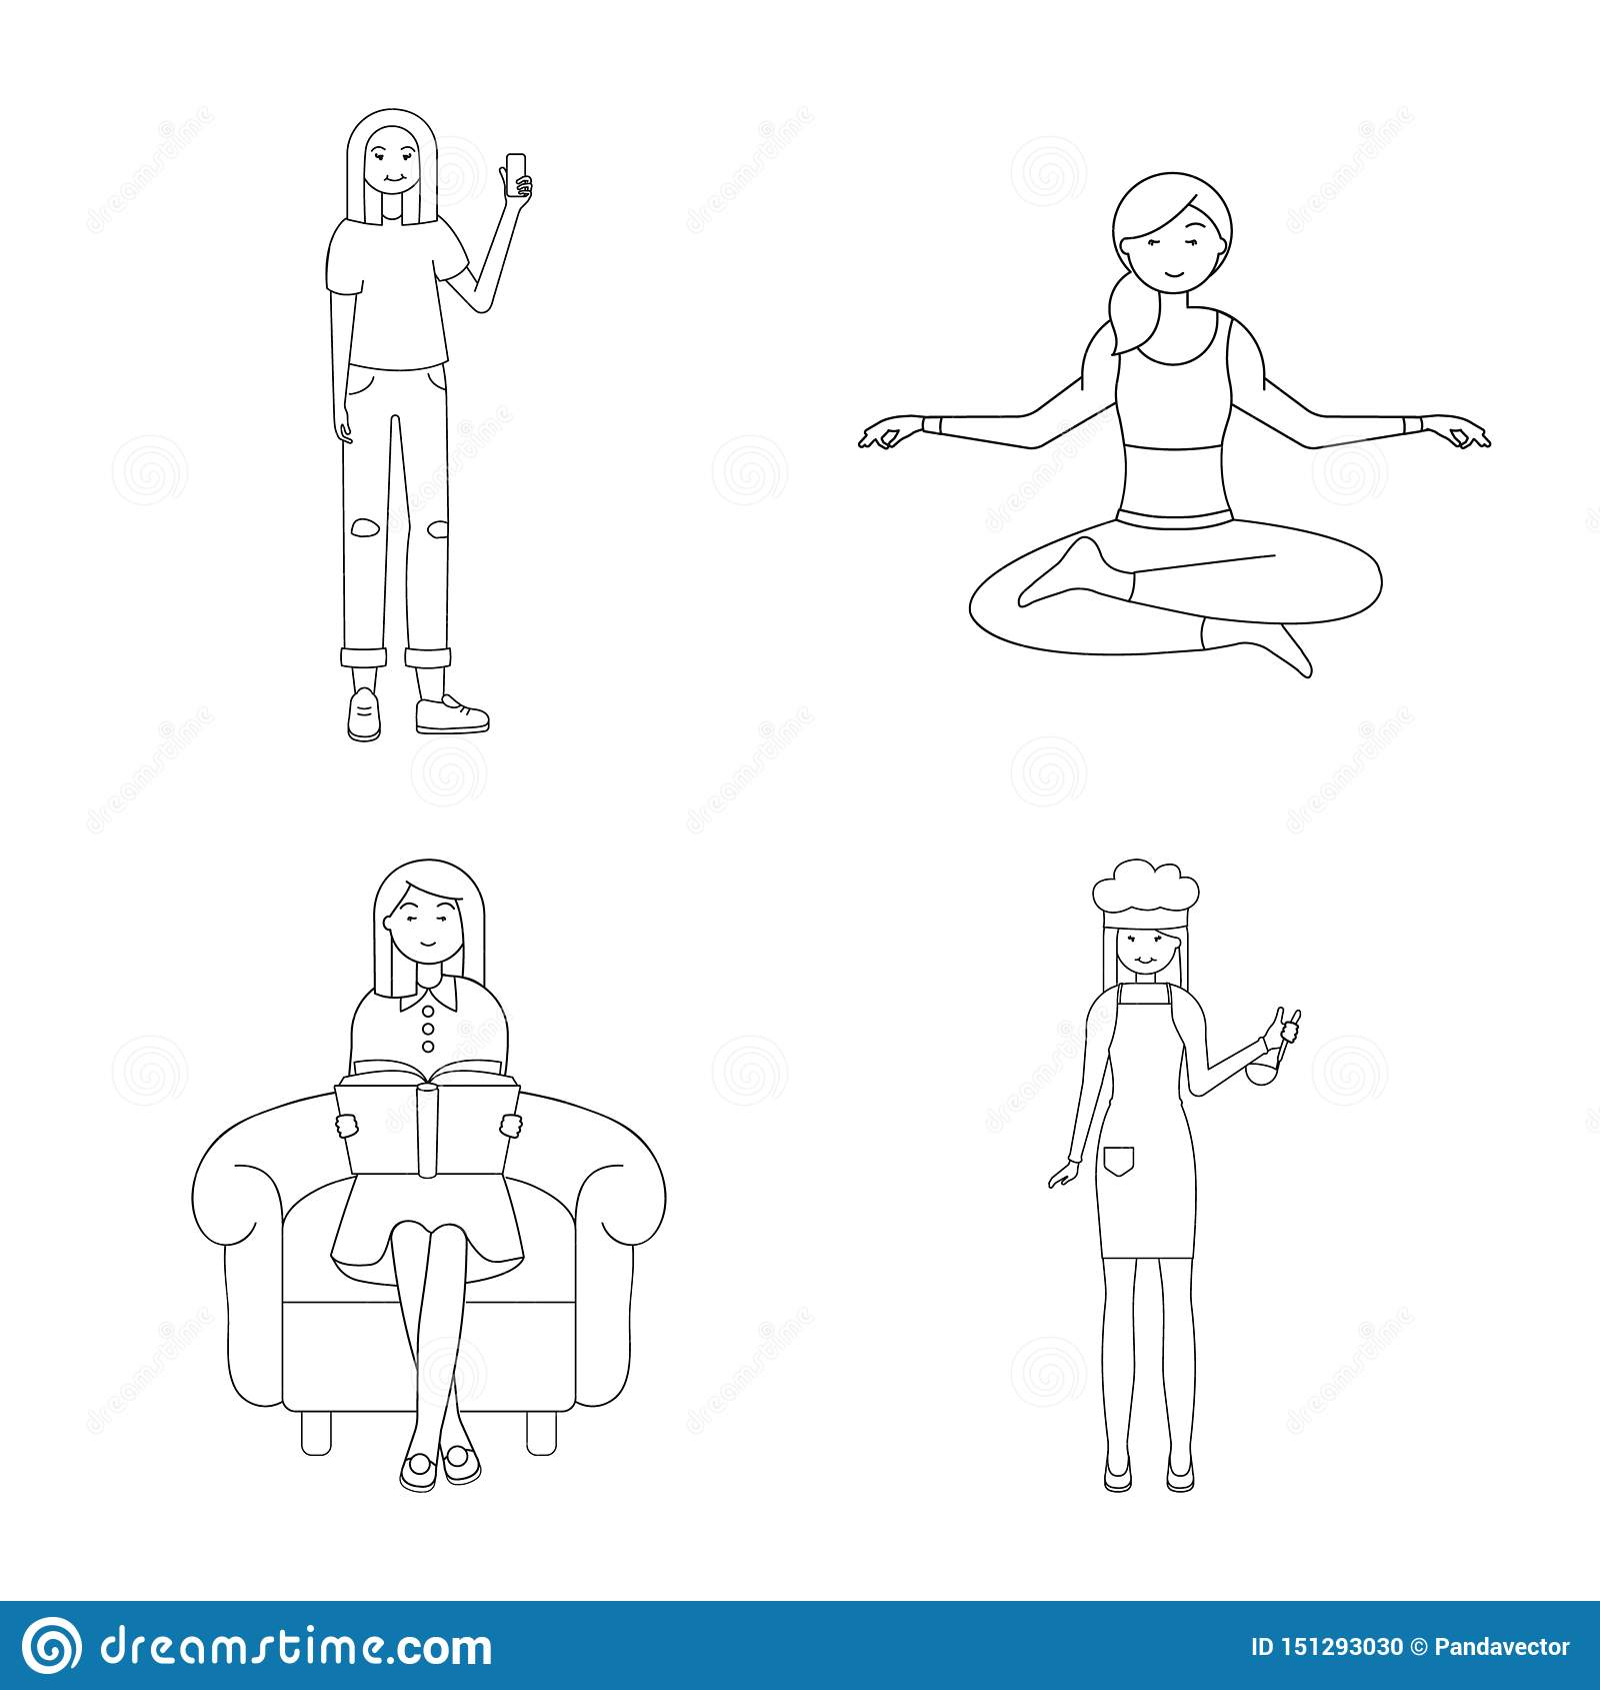 Dise?o del vector de muestra de la postura y del humor Fije de postura y del s?mbolo com?n femenino para la web